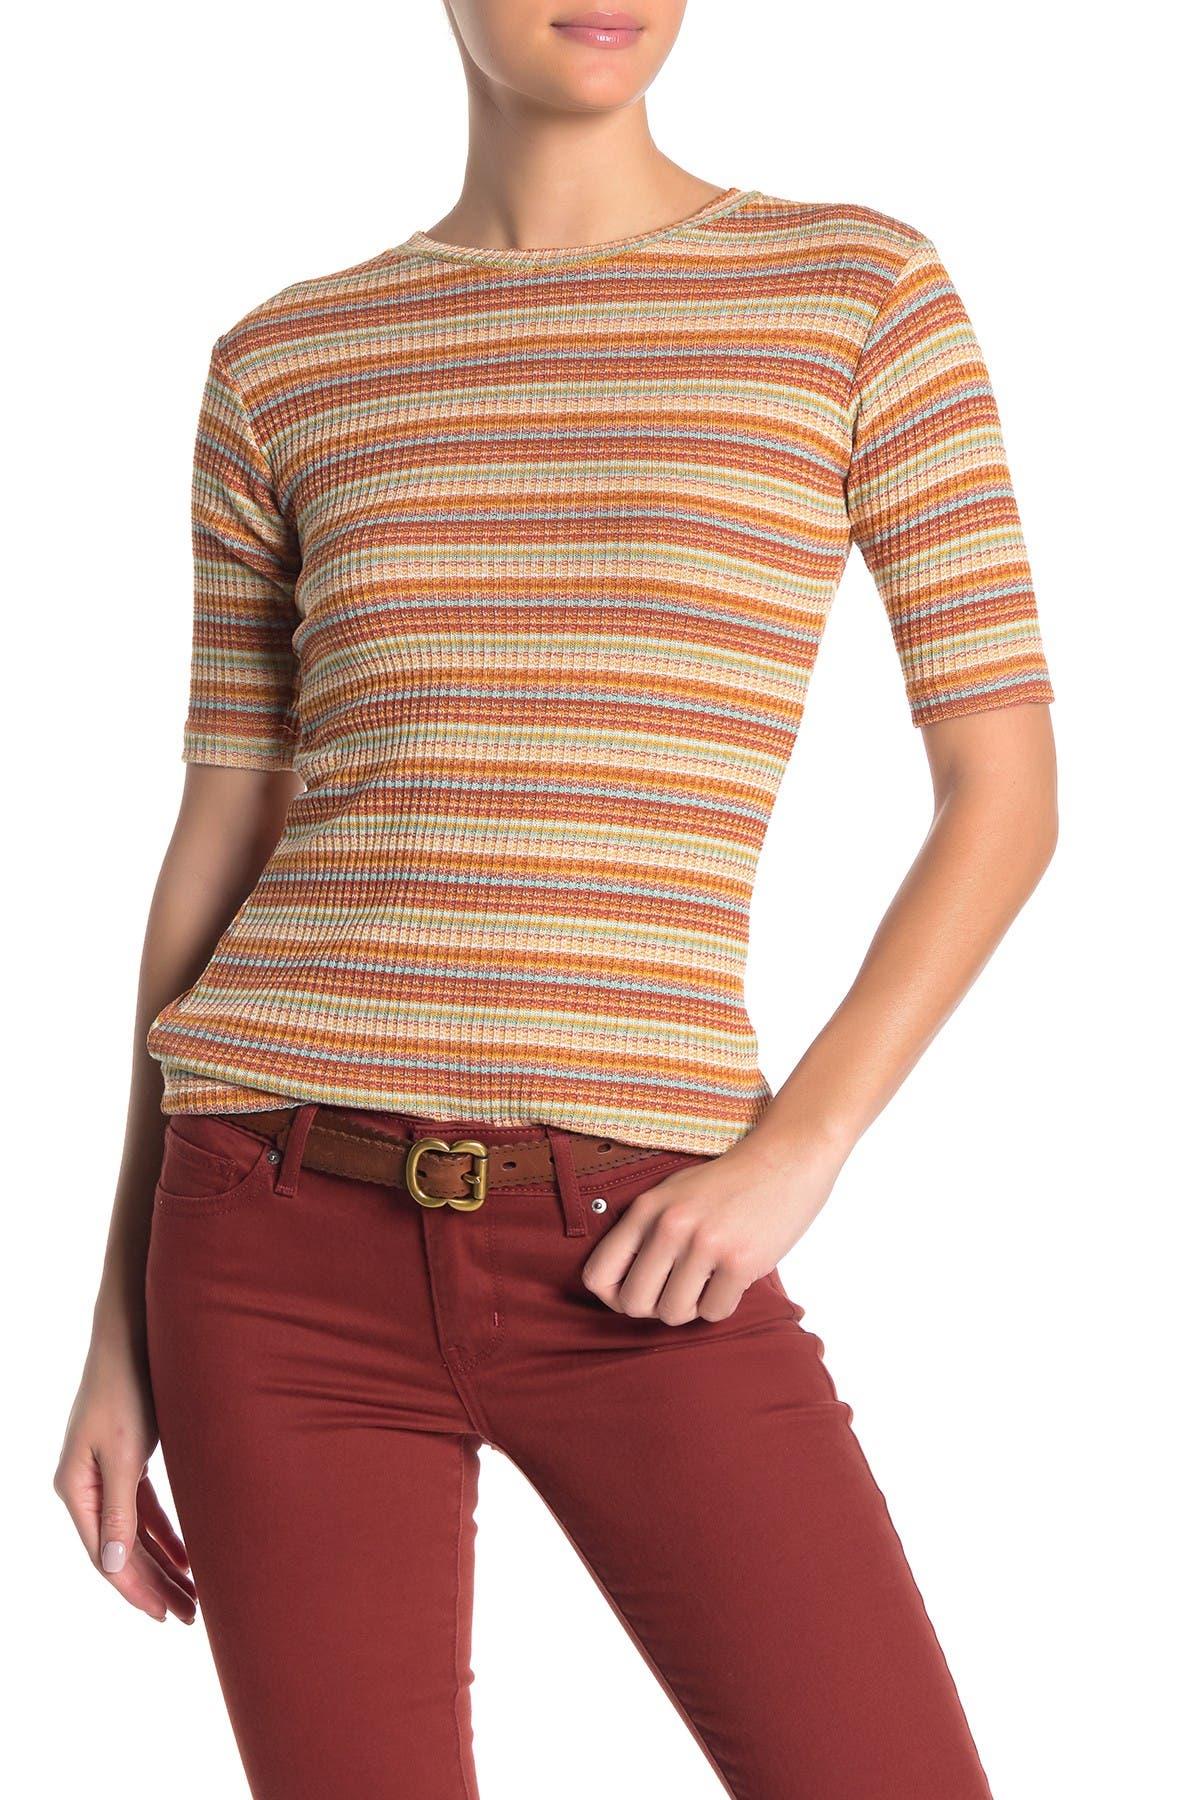 Image of ELAN Striped Knit T-Shirt